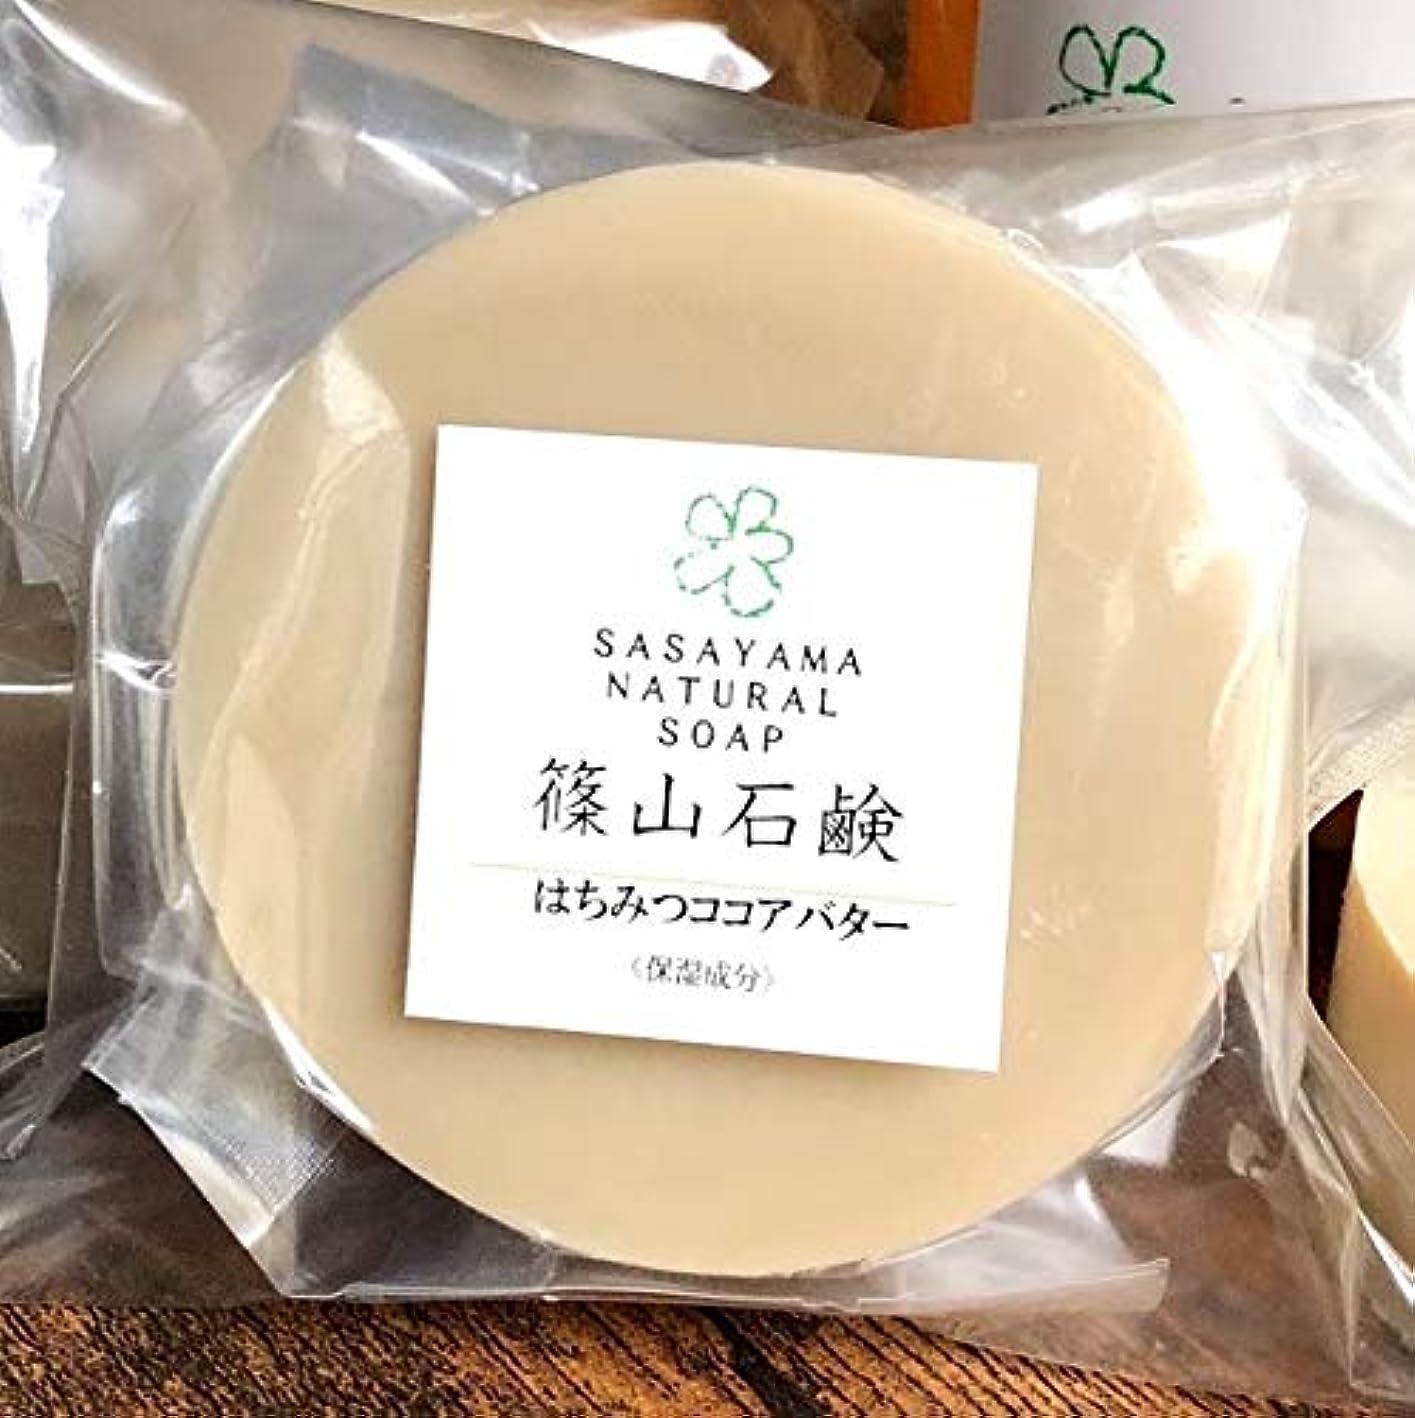 再発する狂信者振る篠山石鹸 はちみつココアバター 85g ミツバチ農家が作るった「ハチミツ洗顔せっけん」) コールドプロセス製法